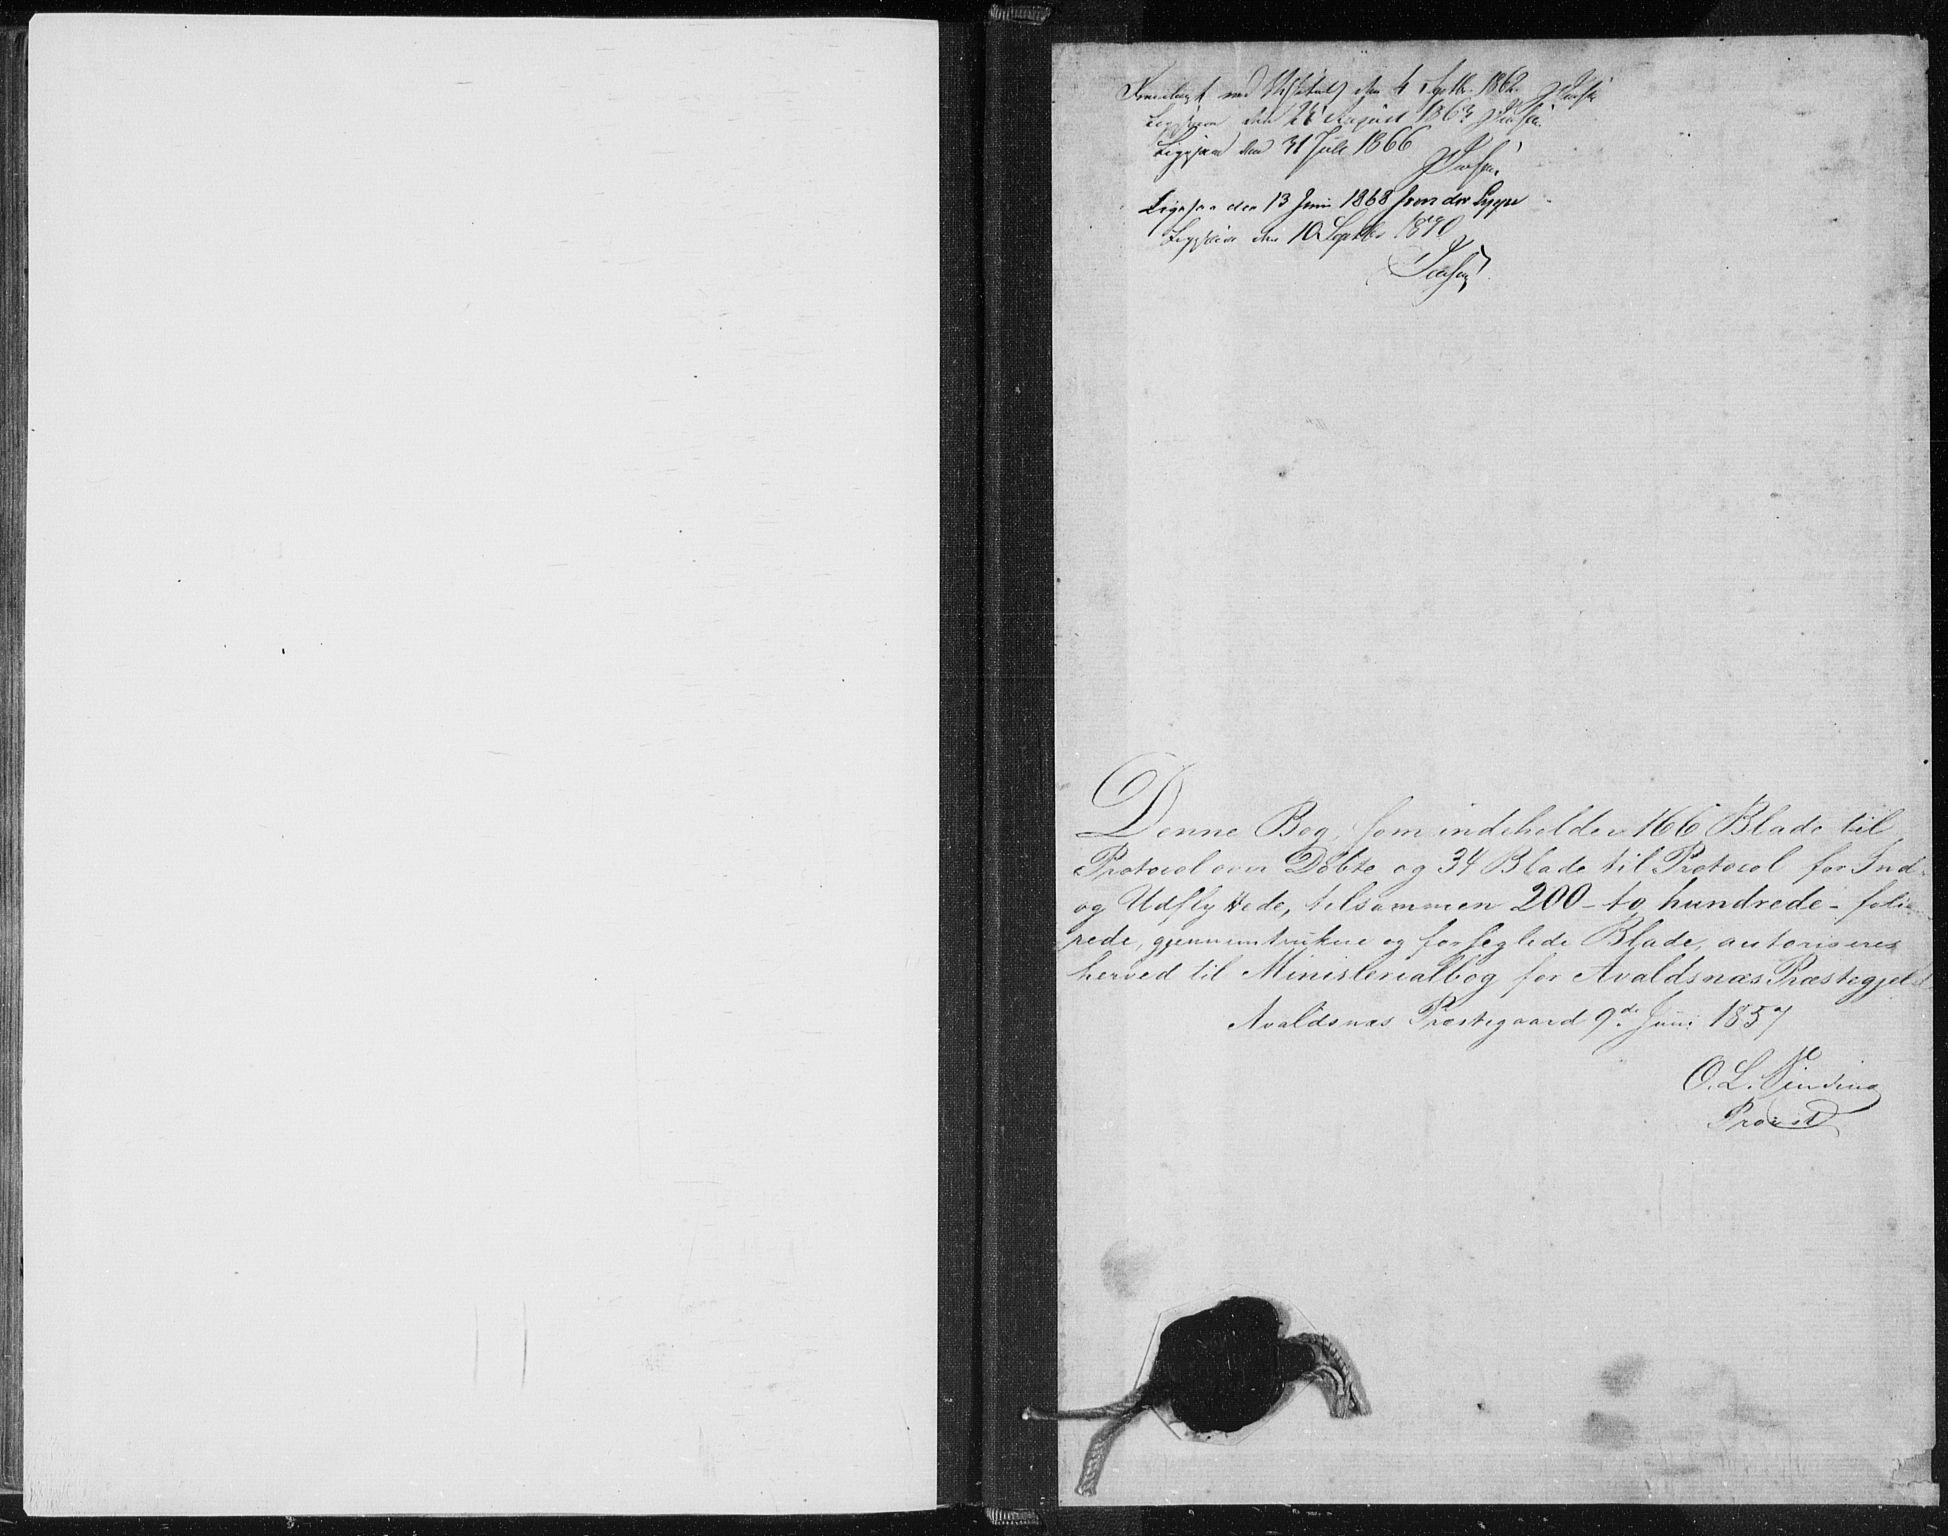 SAST, Avaldsnes sokneprestkontor, H/Ha/Haa/L0010: Ministerialbok nr. A 10, 1857-1876